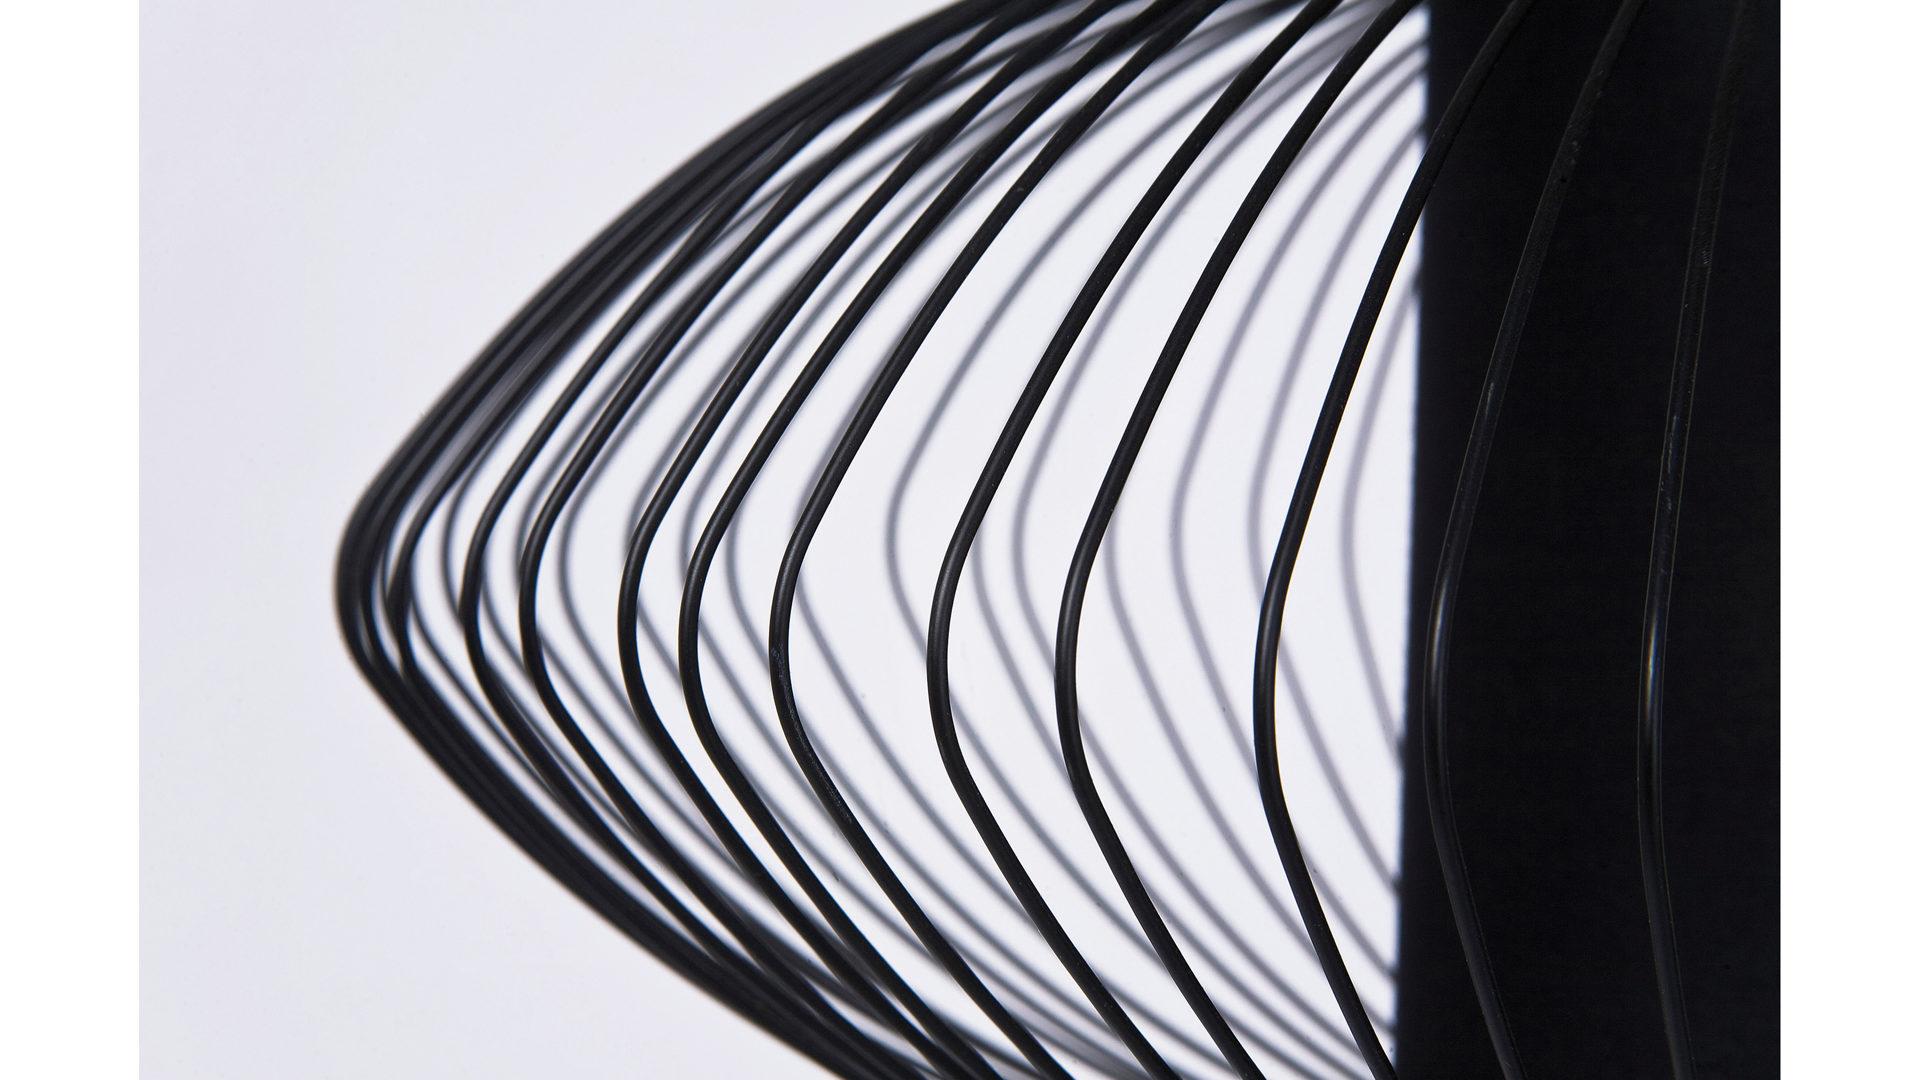 Schwarzer Stahl möbel steffens lamstedt kare design hängeleuchte swing iron in